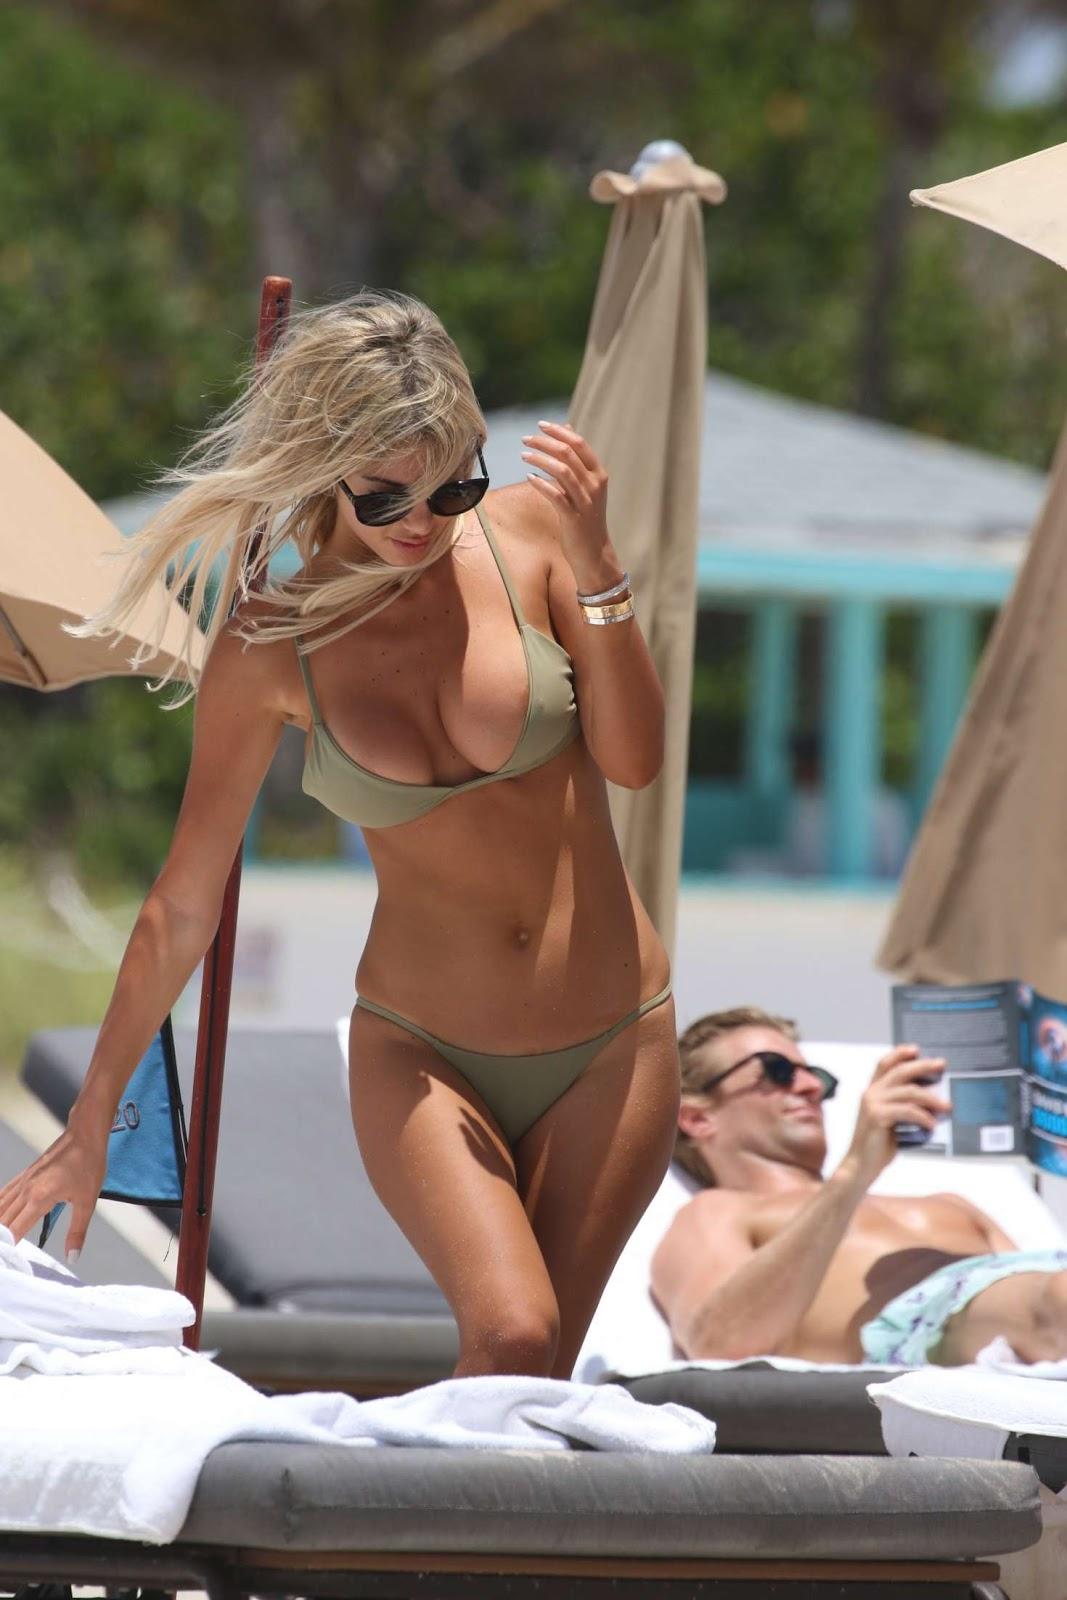 27-летняя итальянская модель и телеведущая Мелисса Кастаньоли (Melissa Castagnoli)